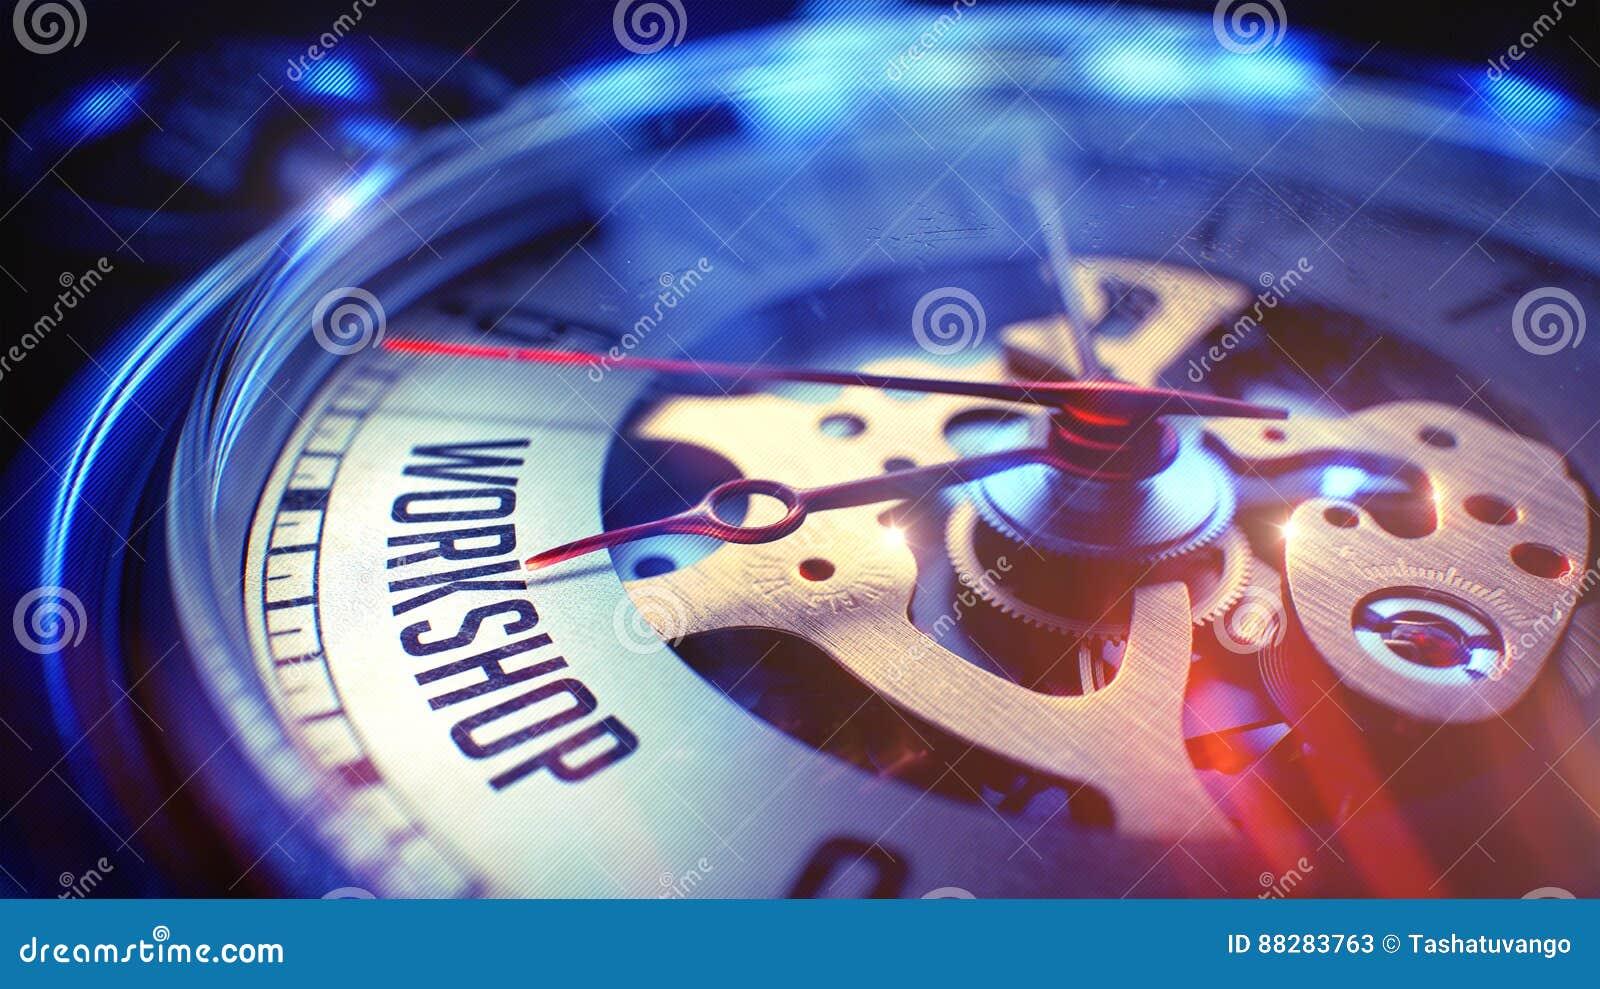 Мастерская - надпись на винтажных карманных часах 3d